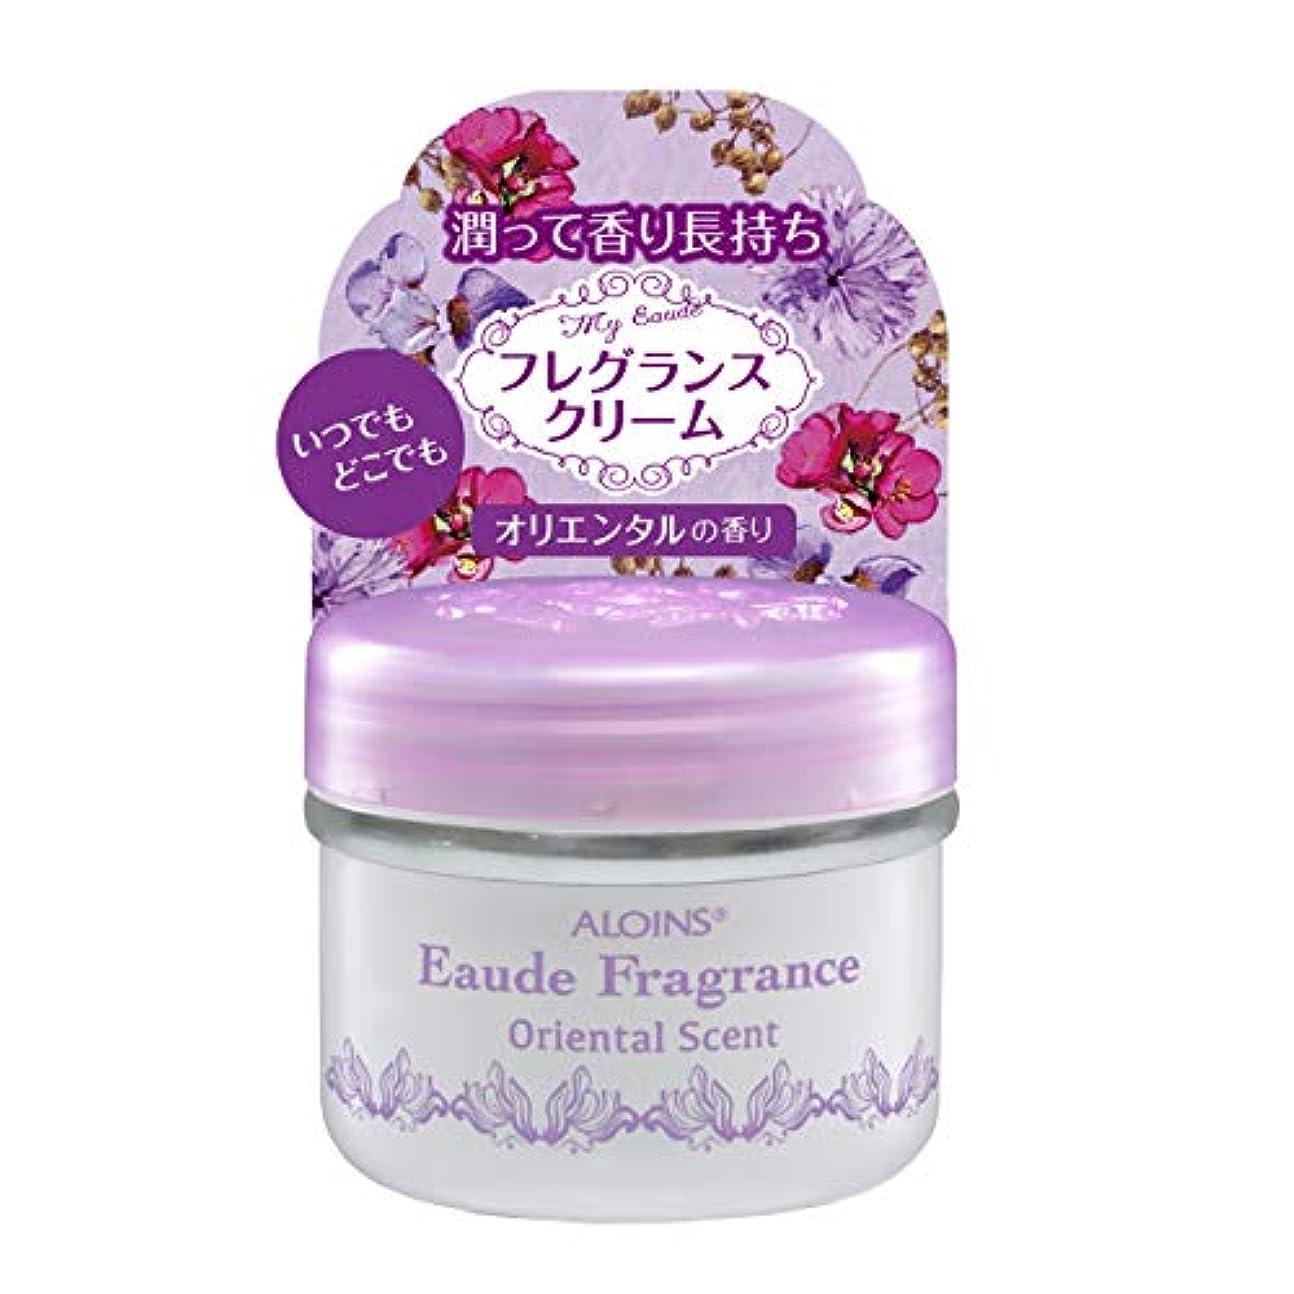 アロインス オーデフレグランス オリエンタルの香り 35g